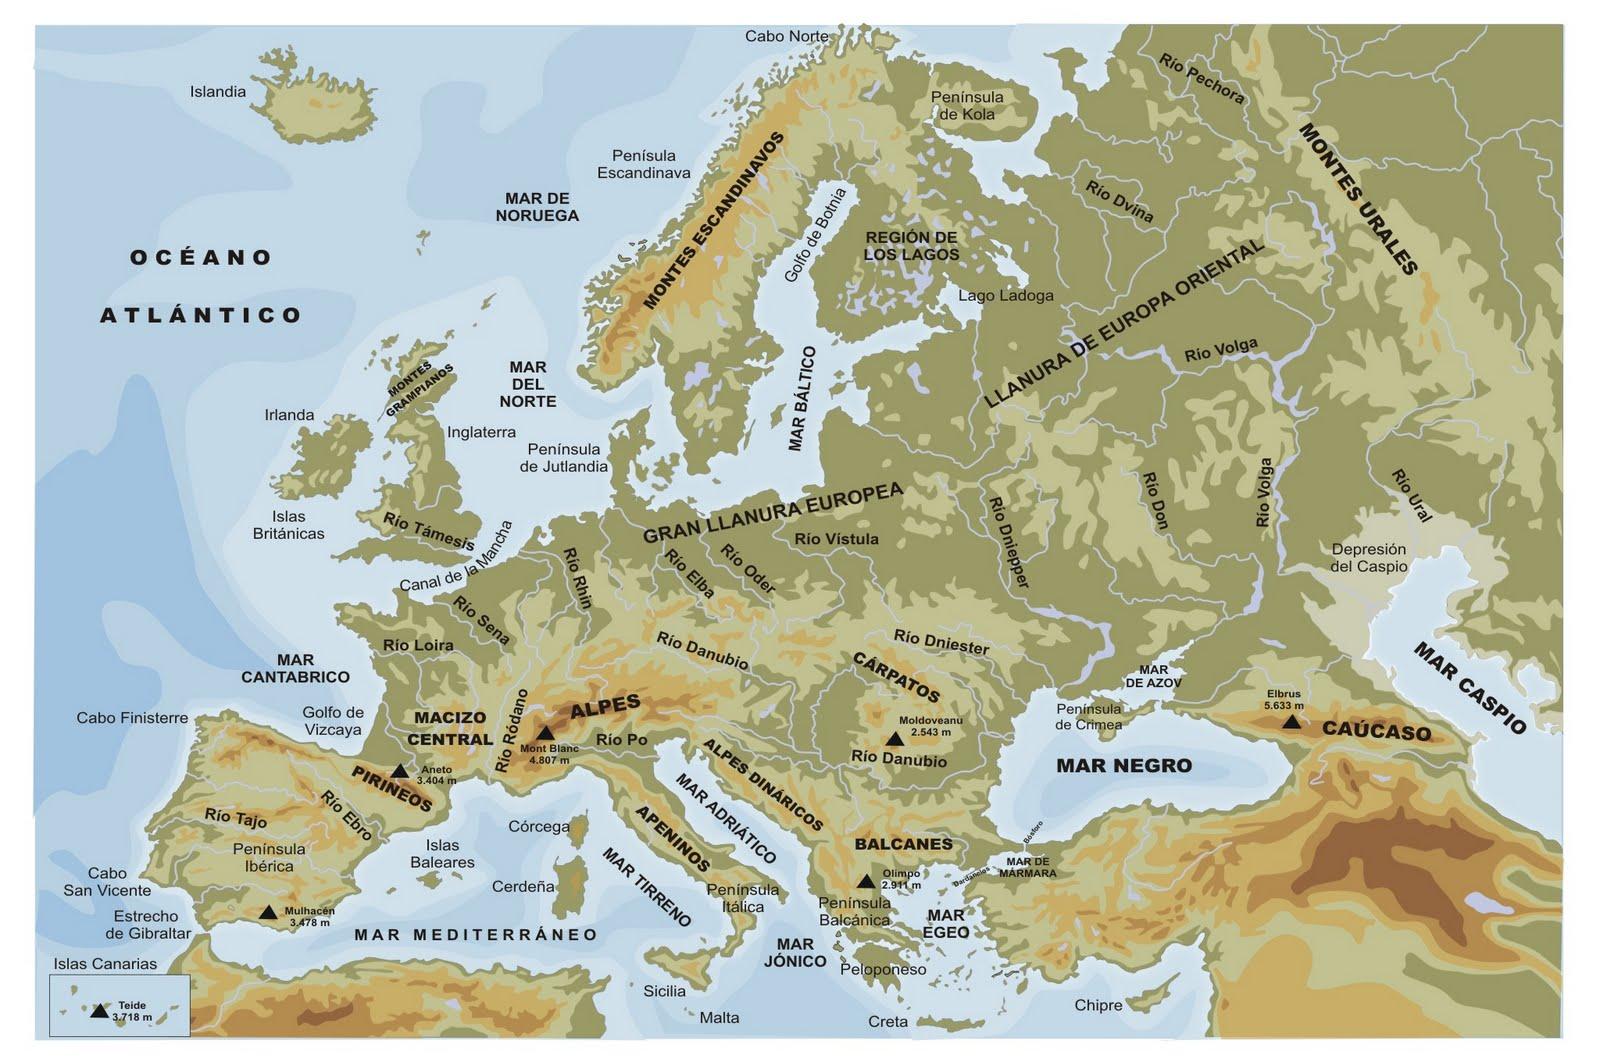 BLOG DE HISTORIA DE DIEGO: Mapas político y fisico de Europa